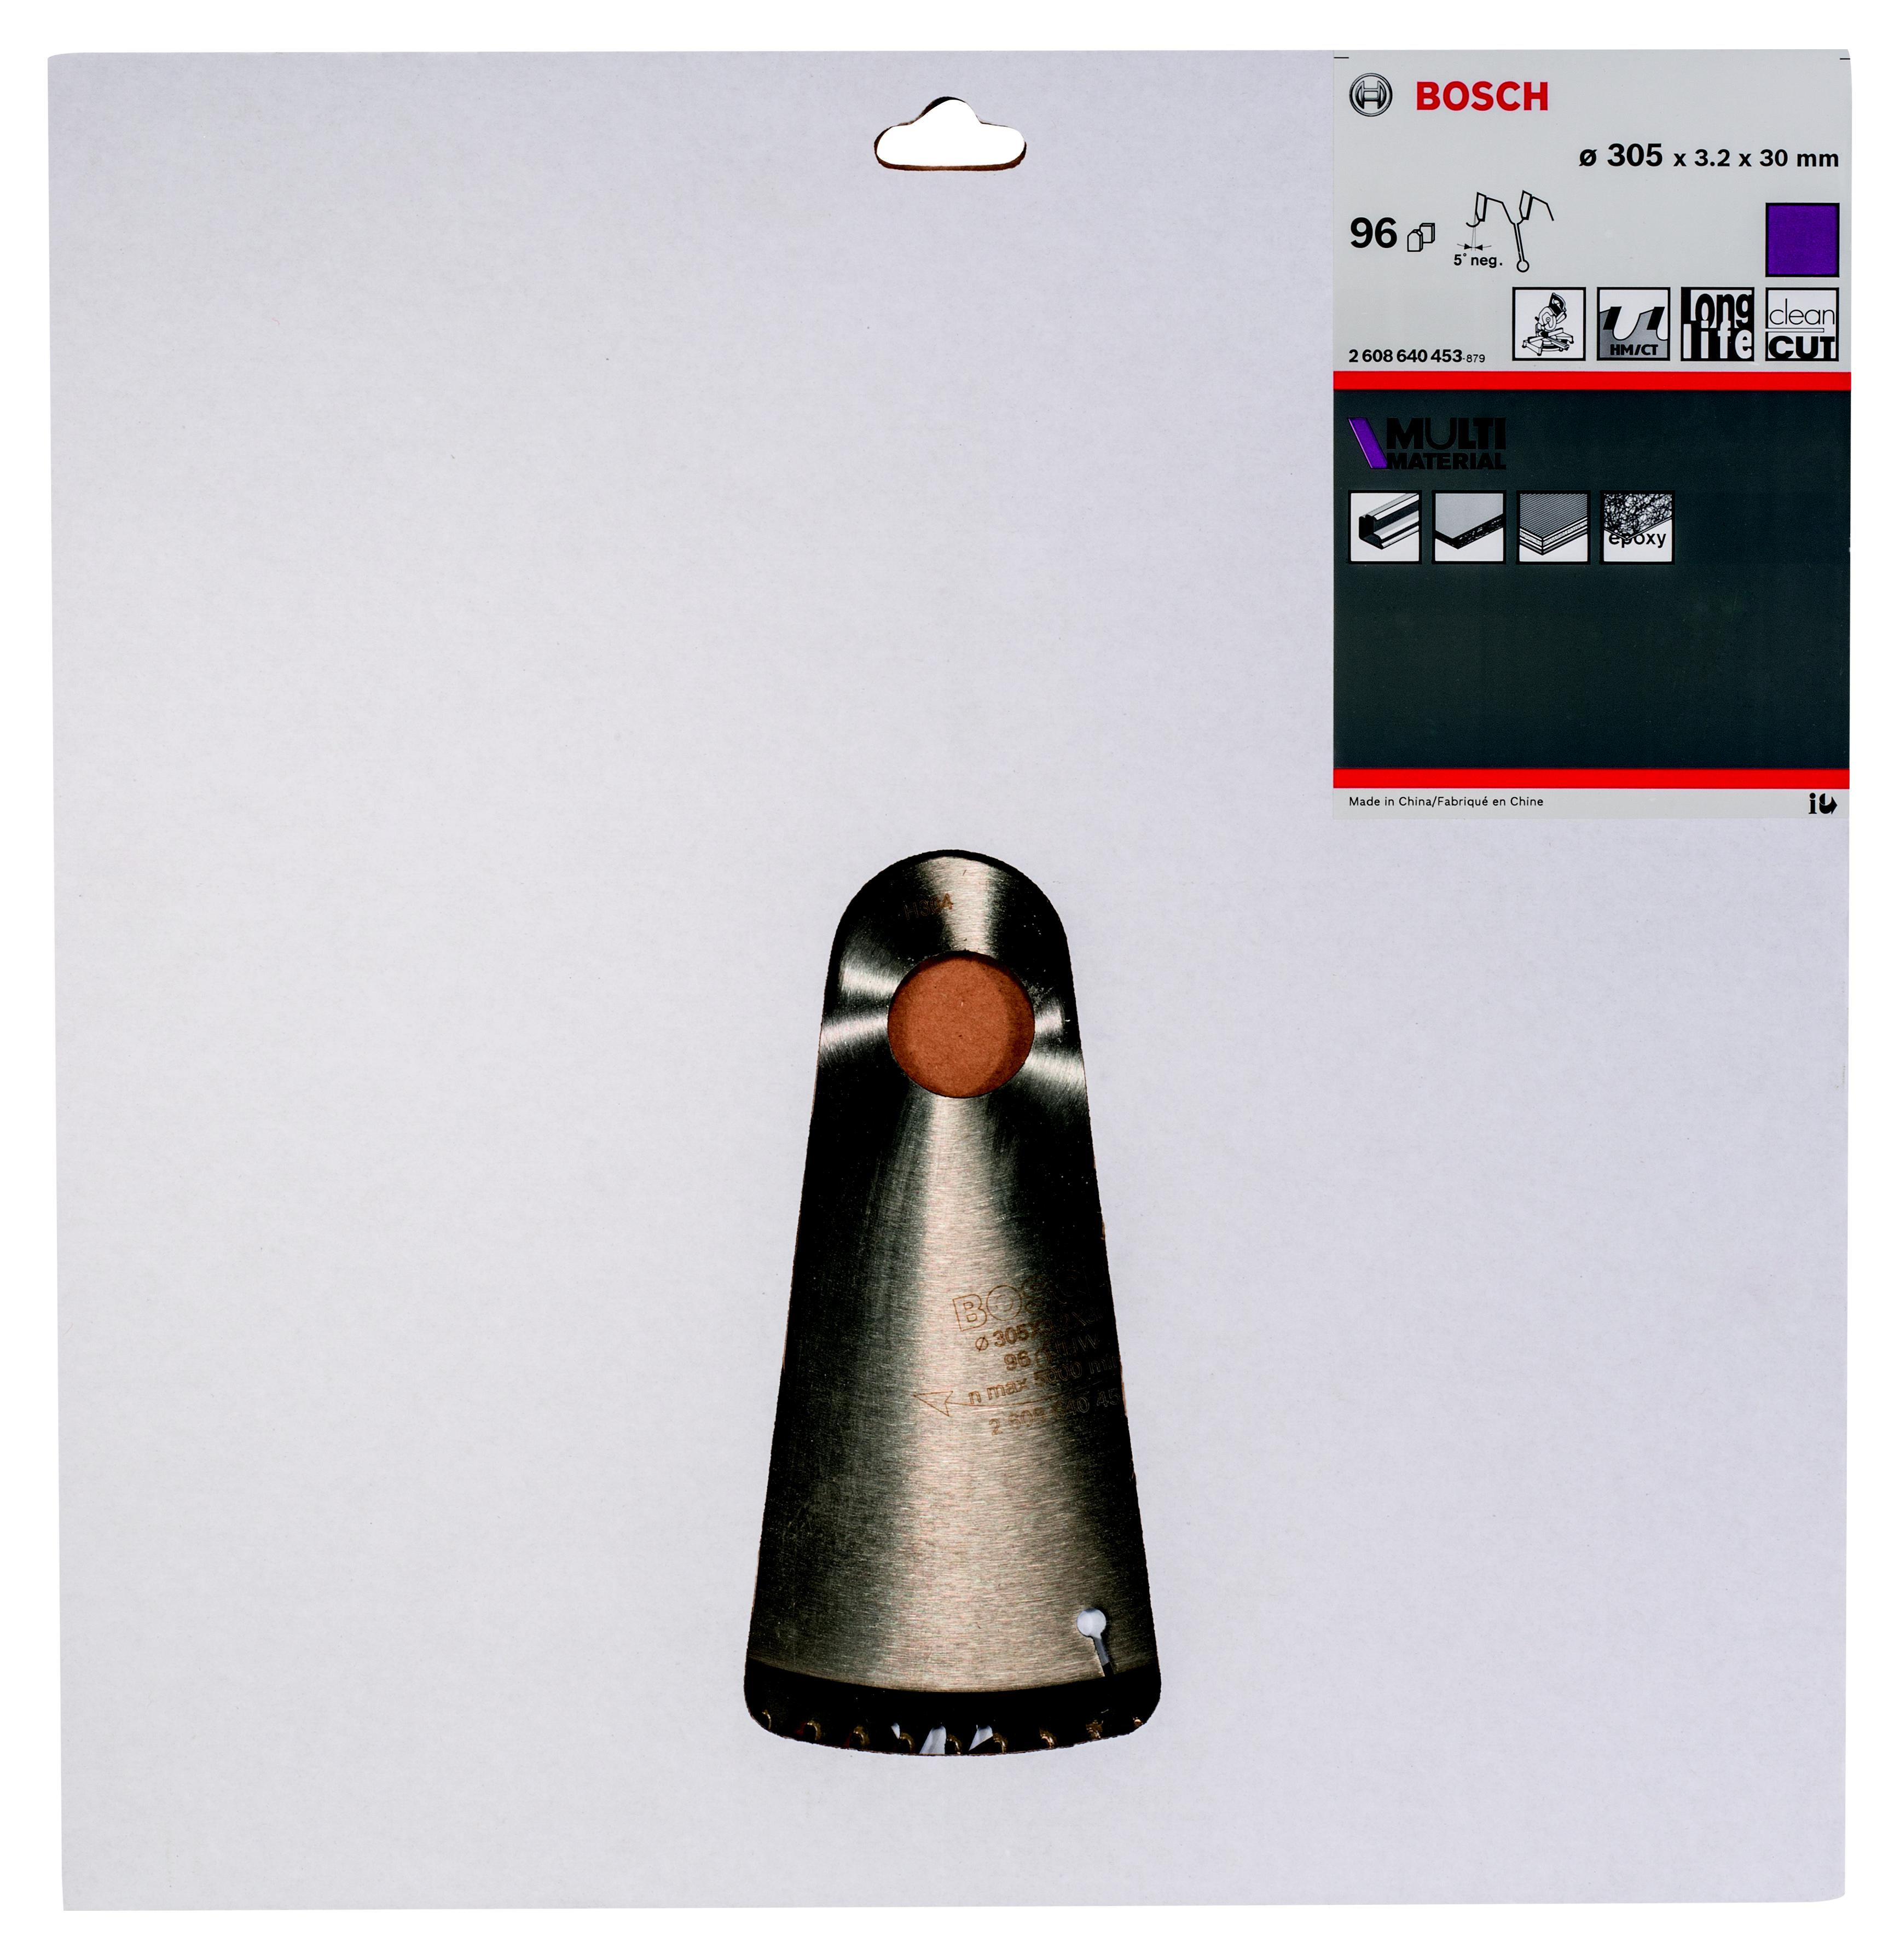 Диск пильный твердосплавный Bosch Multi material 305x96x30 gcm 12 (2.608.640.453) панельная пила bosch gcm 800 sj